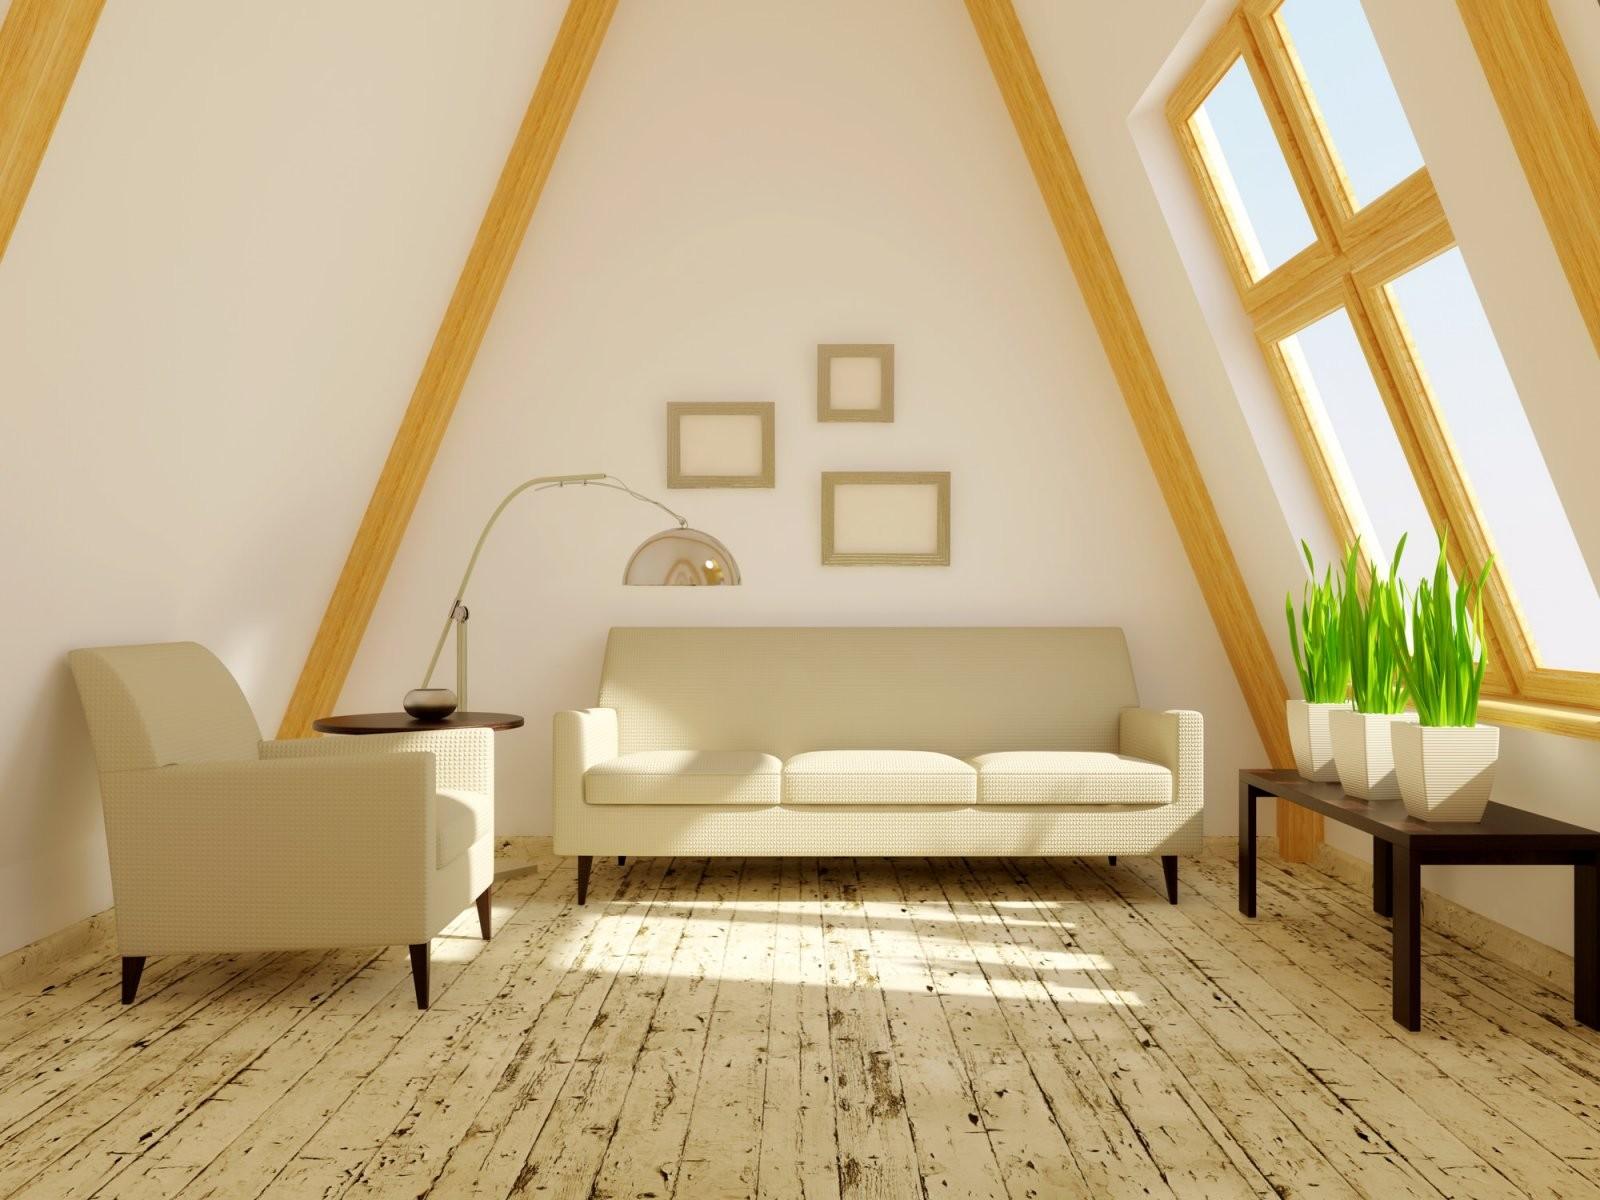 Ganz Schön Schräg 10 Tipps Wie Sie Räume Mit Dachschrägen Stilvoll von Kinderzimmer Mit Dachschräge Einrichten Photo